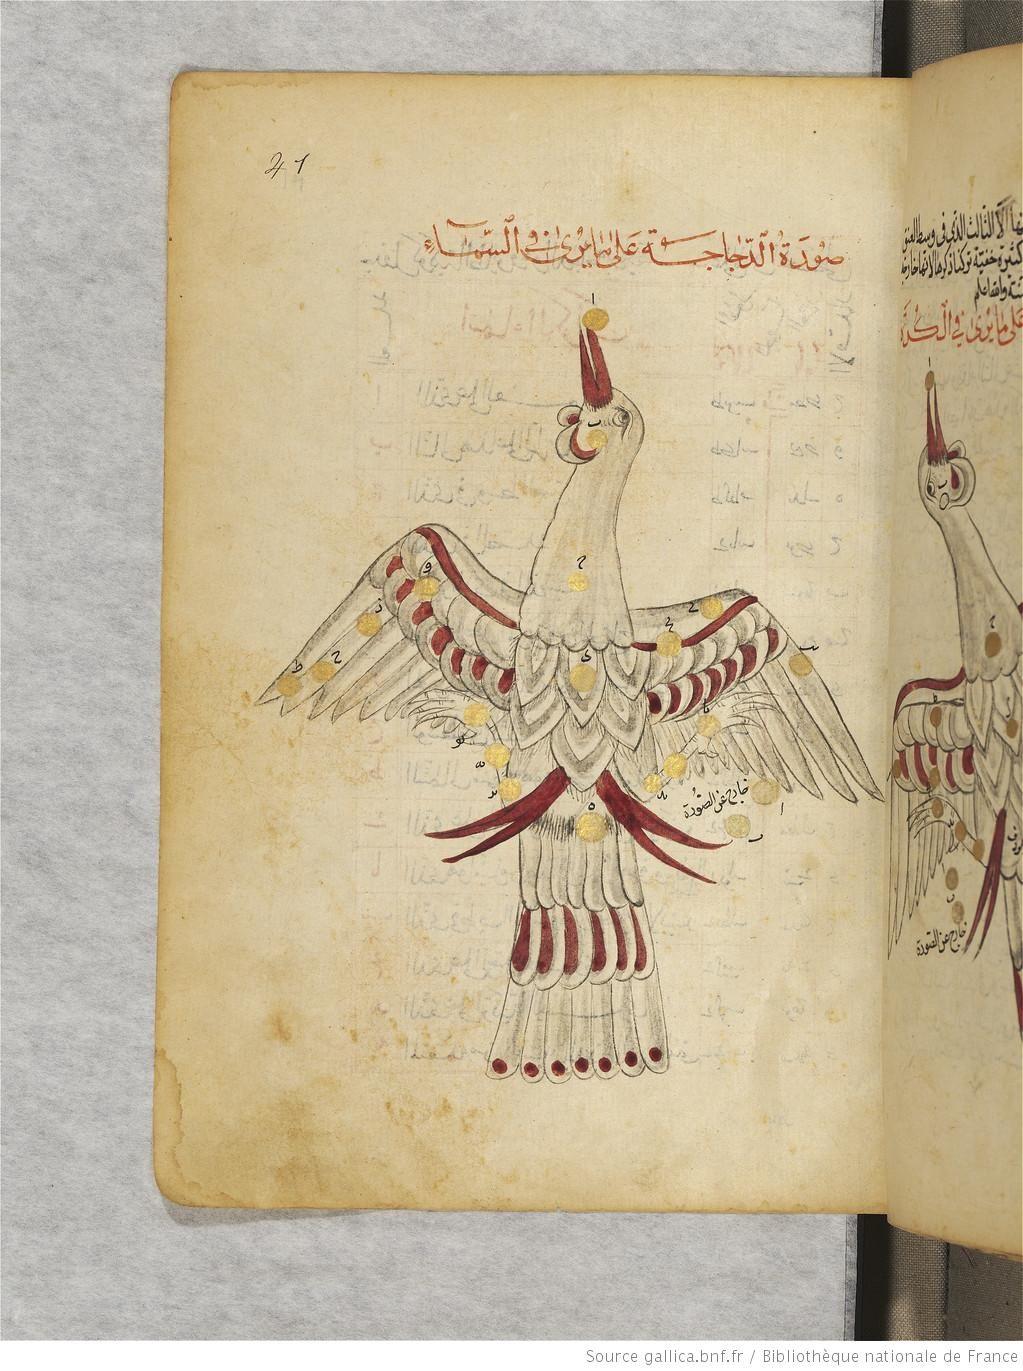 Cygnus (al-dajajah), the swan. (Constellations of the northern hemisphere). Souvar al-nodjoum. Traité sur les constellations et catalogue d'étoiles, par Abd ar-Rahman al-Soufi